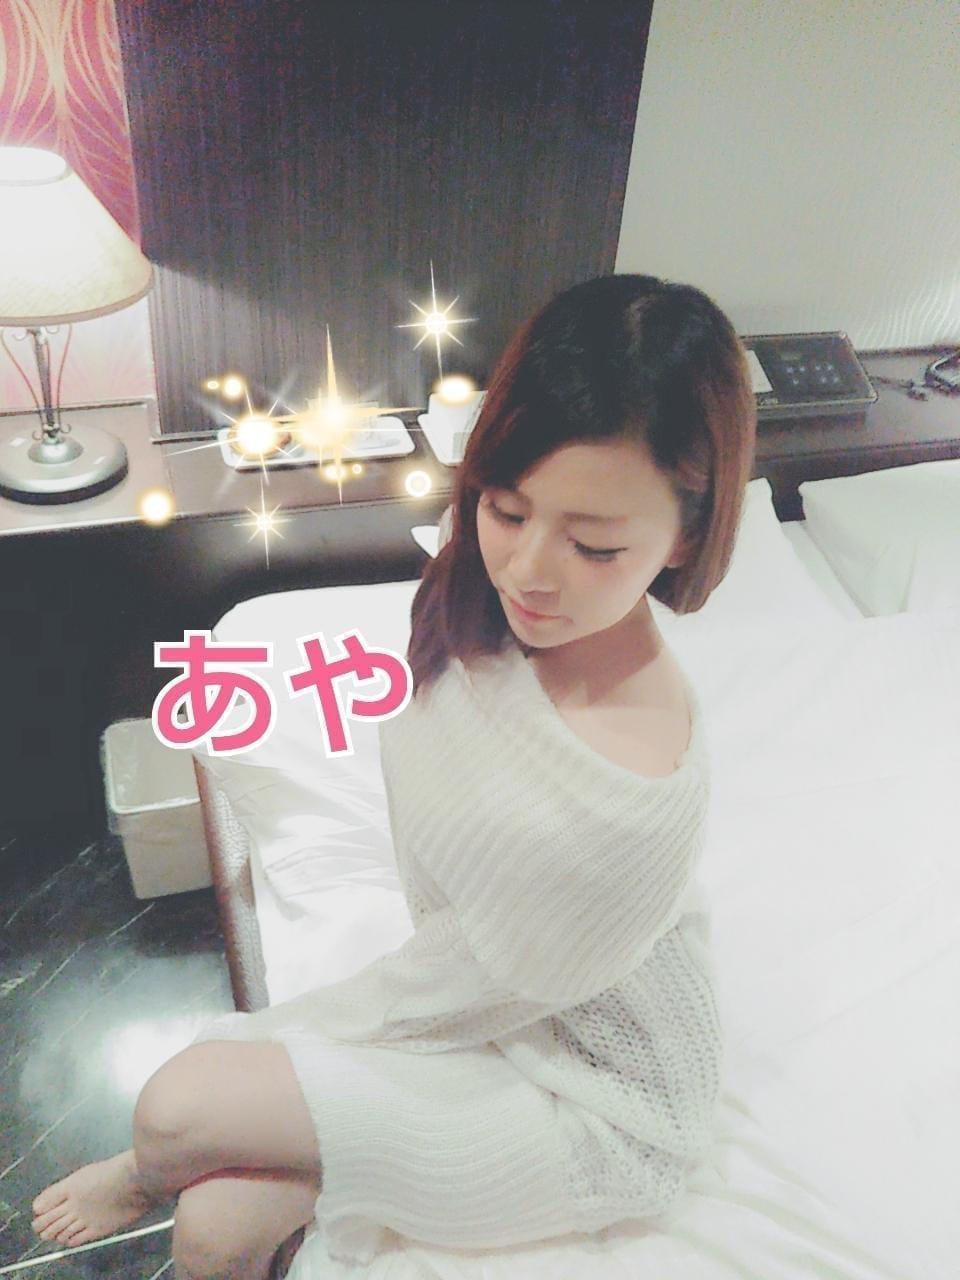 「出勤♪」11/19(11/19) 22:40 | あや☆キレカワお姉さまの写メ・風俗動画